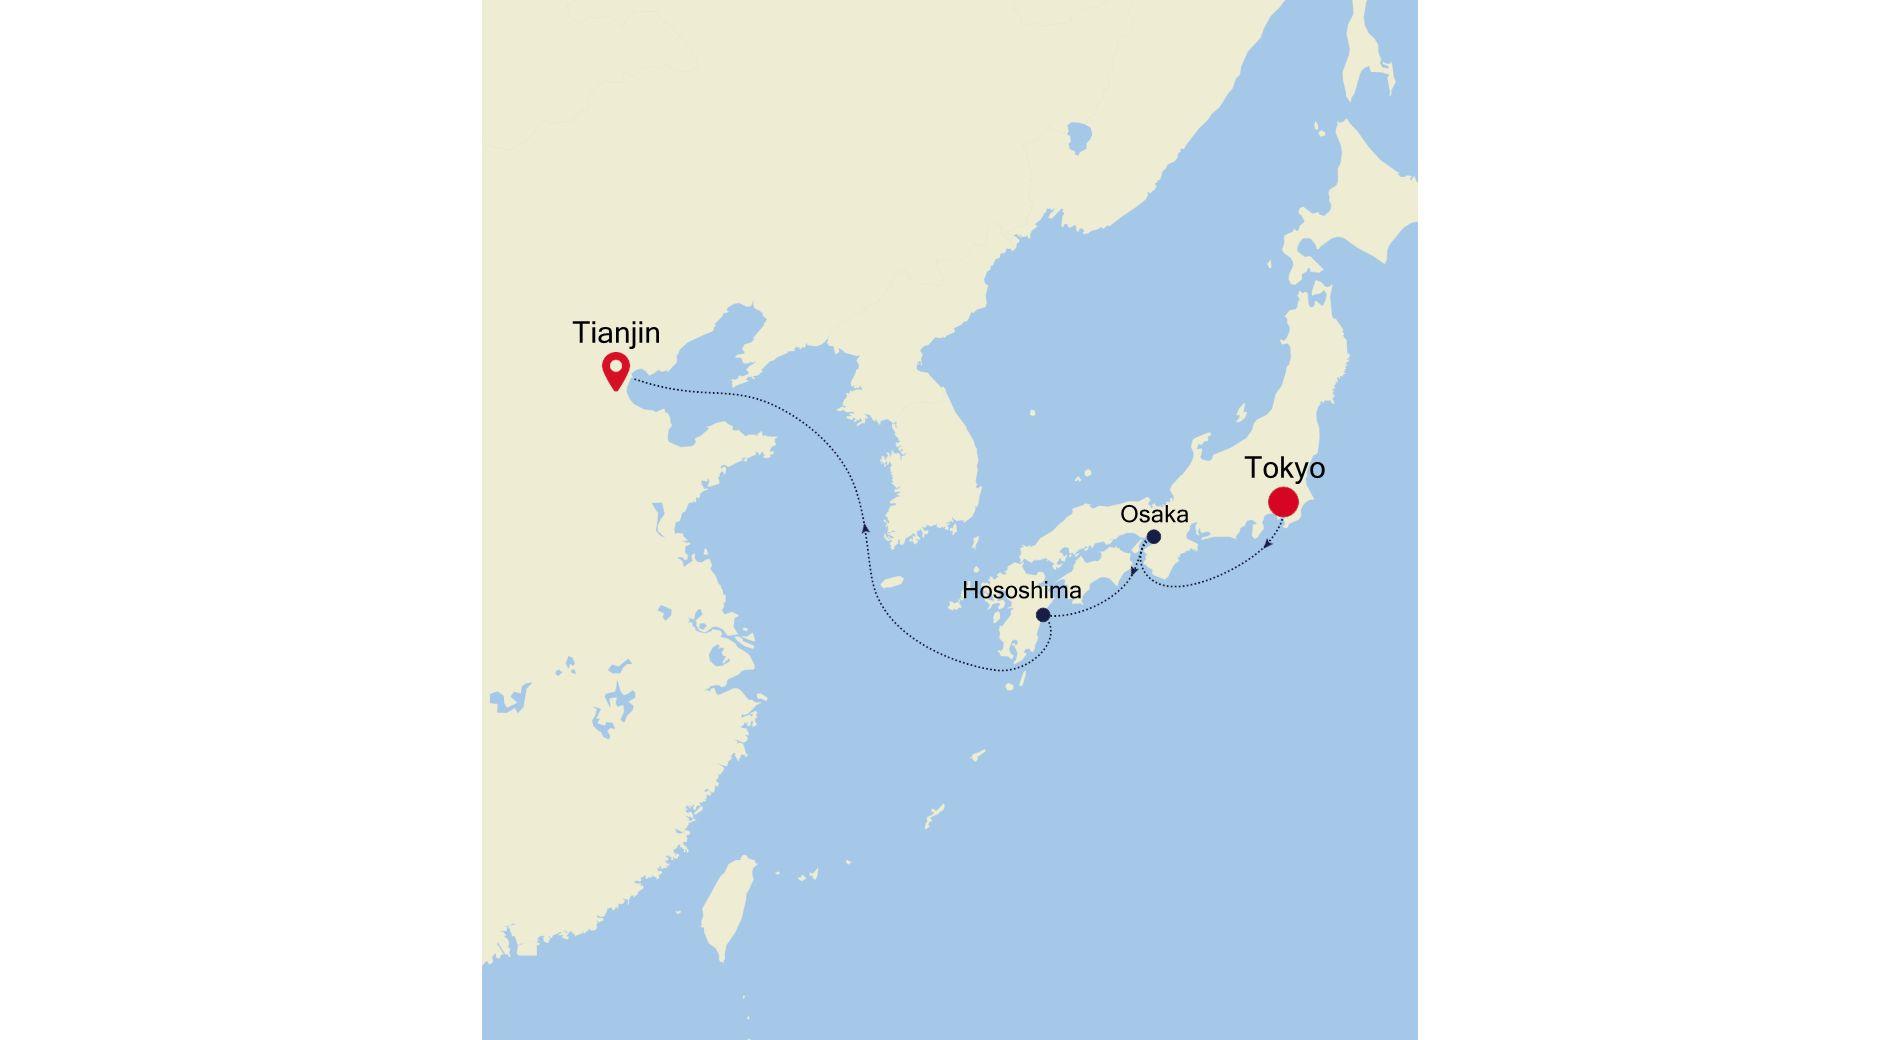 6928A - Tokyo to Tianjin